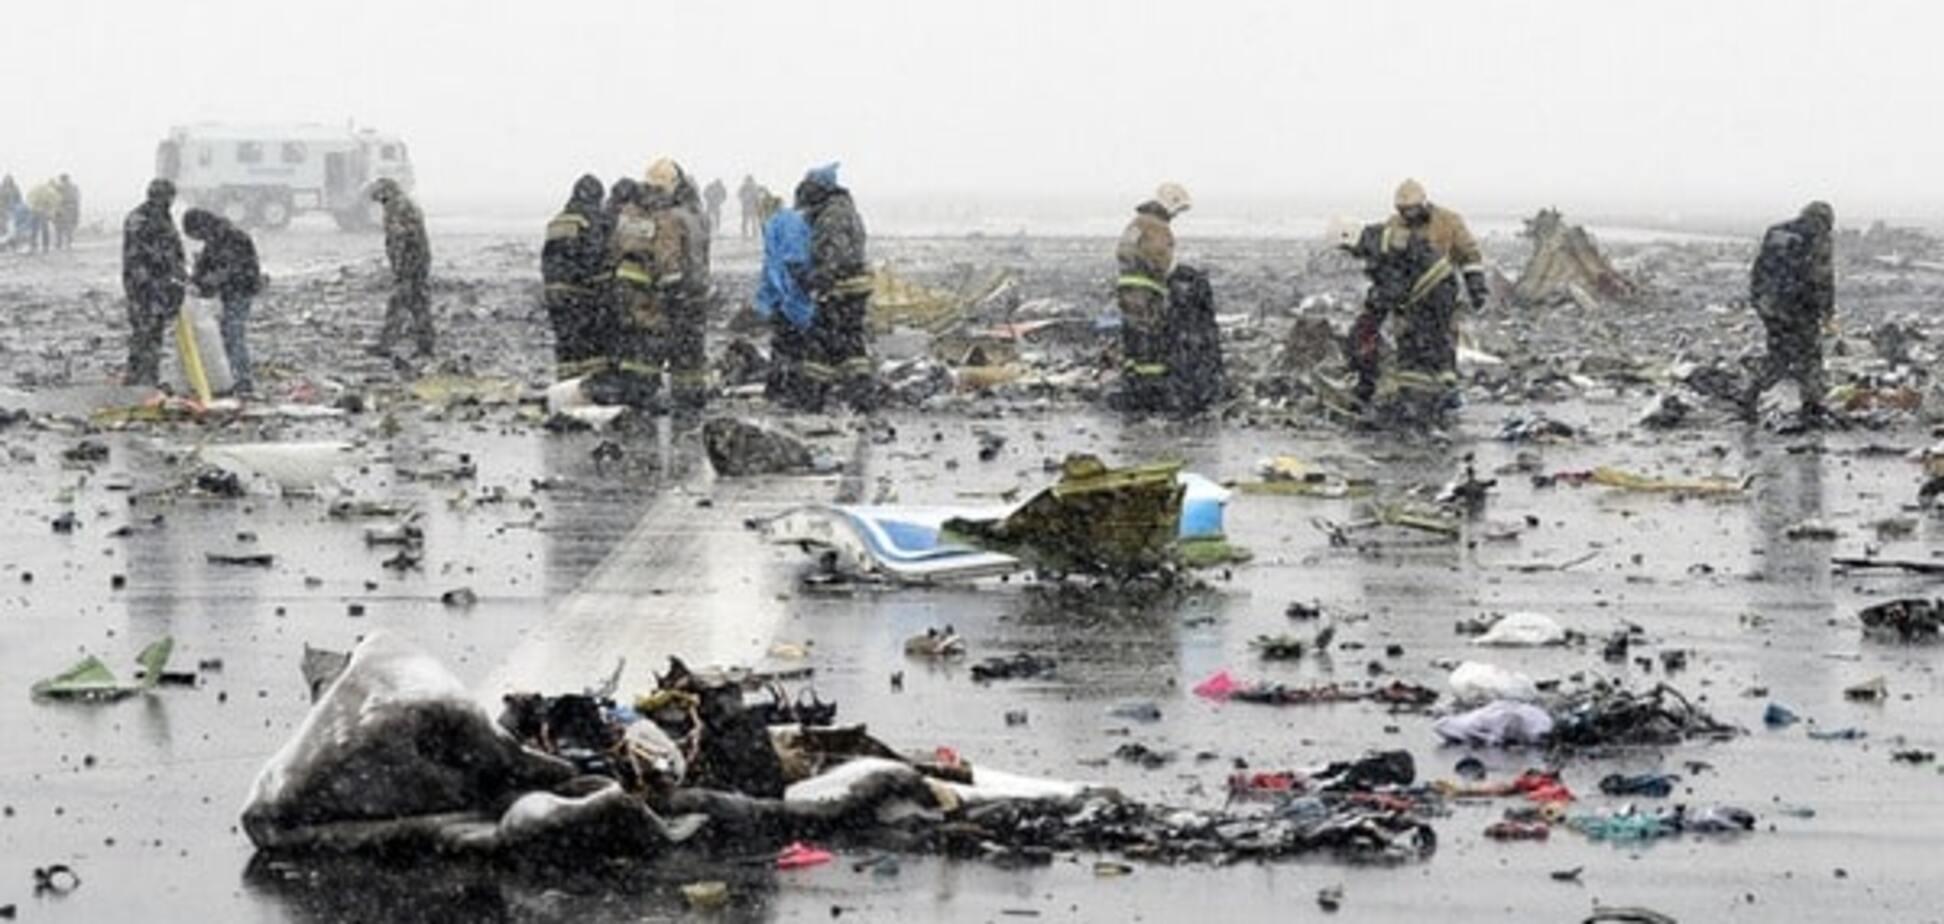 Тарас Чорновіл порадив не поспішати сумувати за загиблими під час аварії Boeing українцями